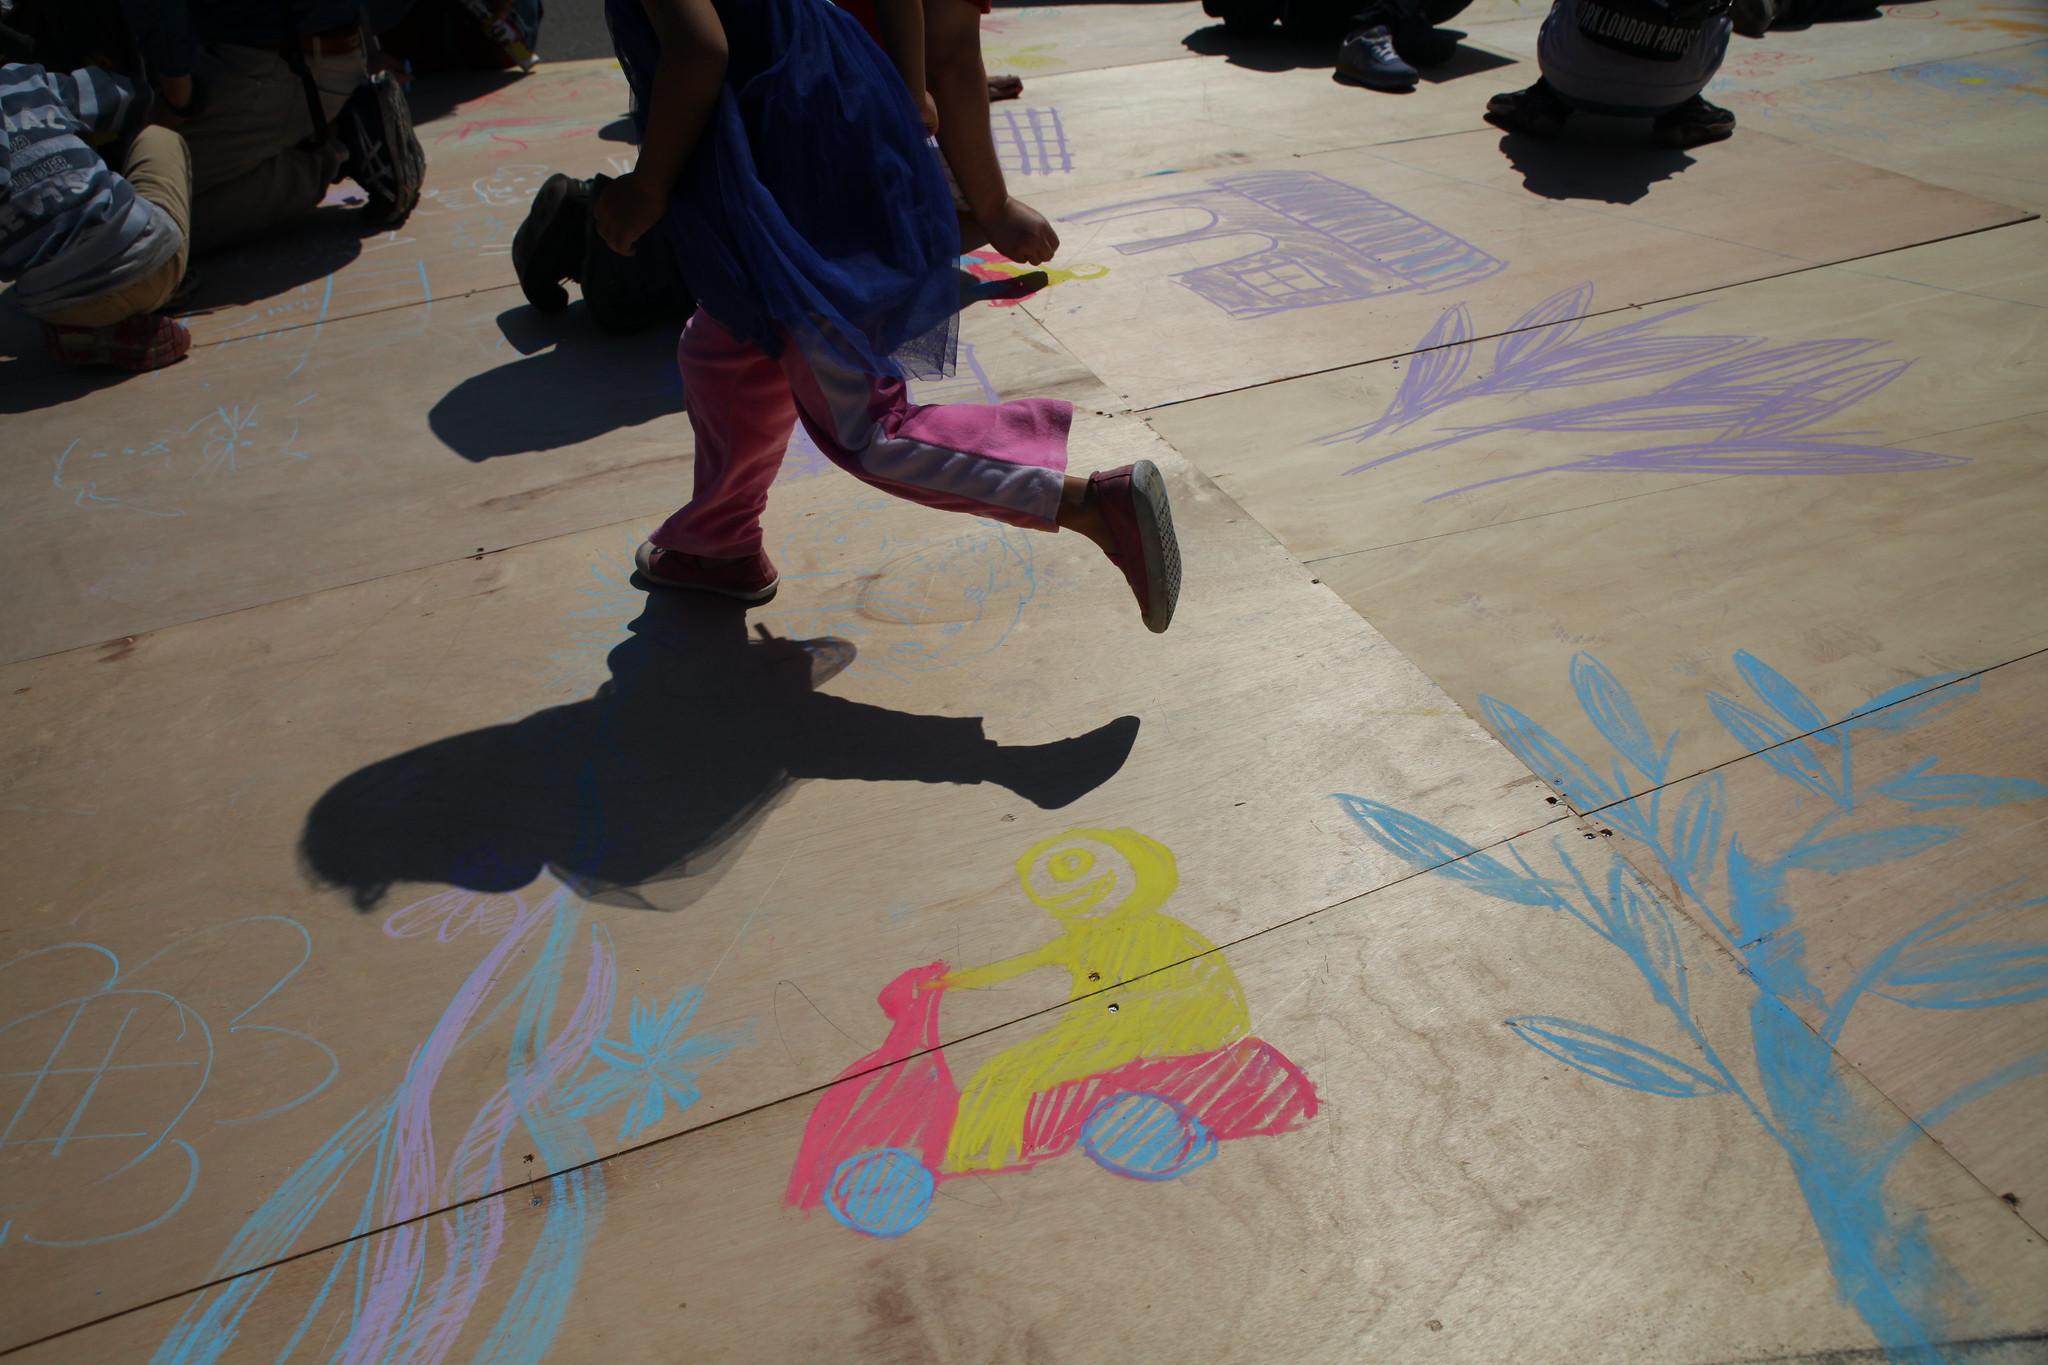 民眾於大平台上進行彩繪。(攝影:陳逸婷)